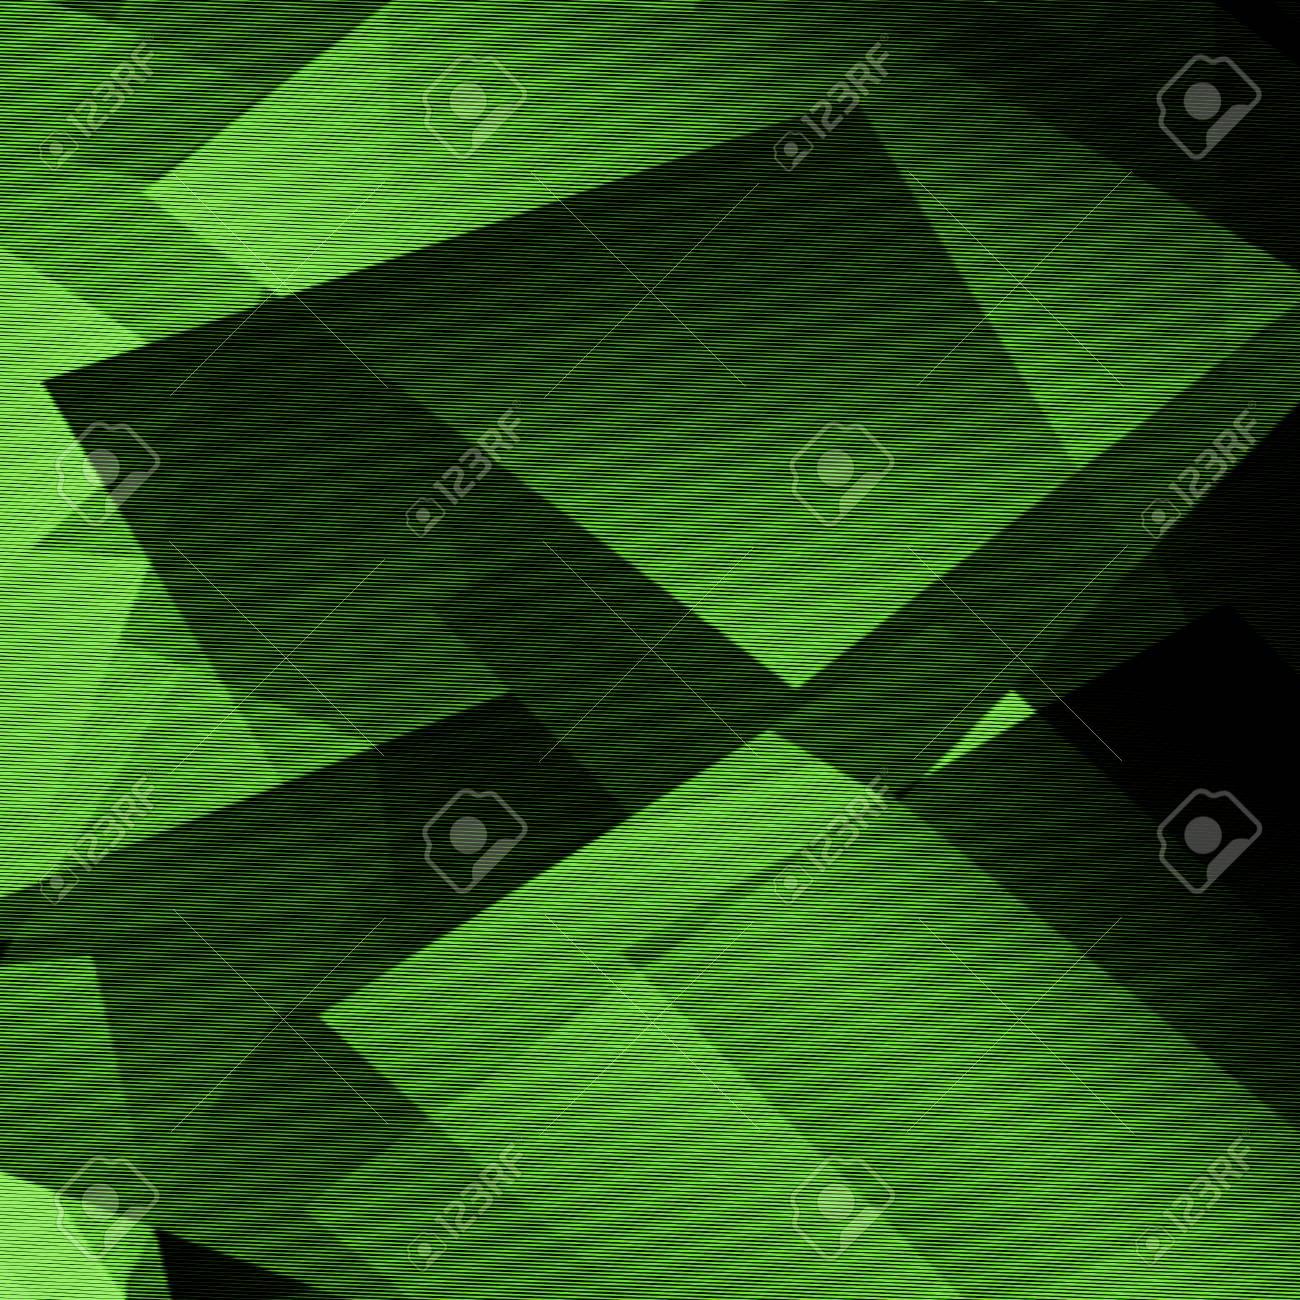 Immagini Stock Verde E Nero Sfondo Forme Astratte Linee Del